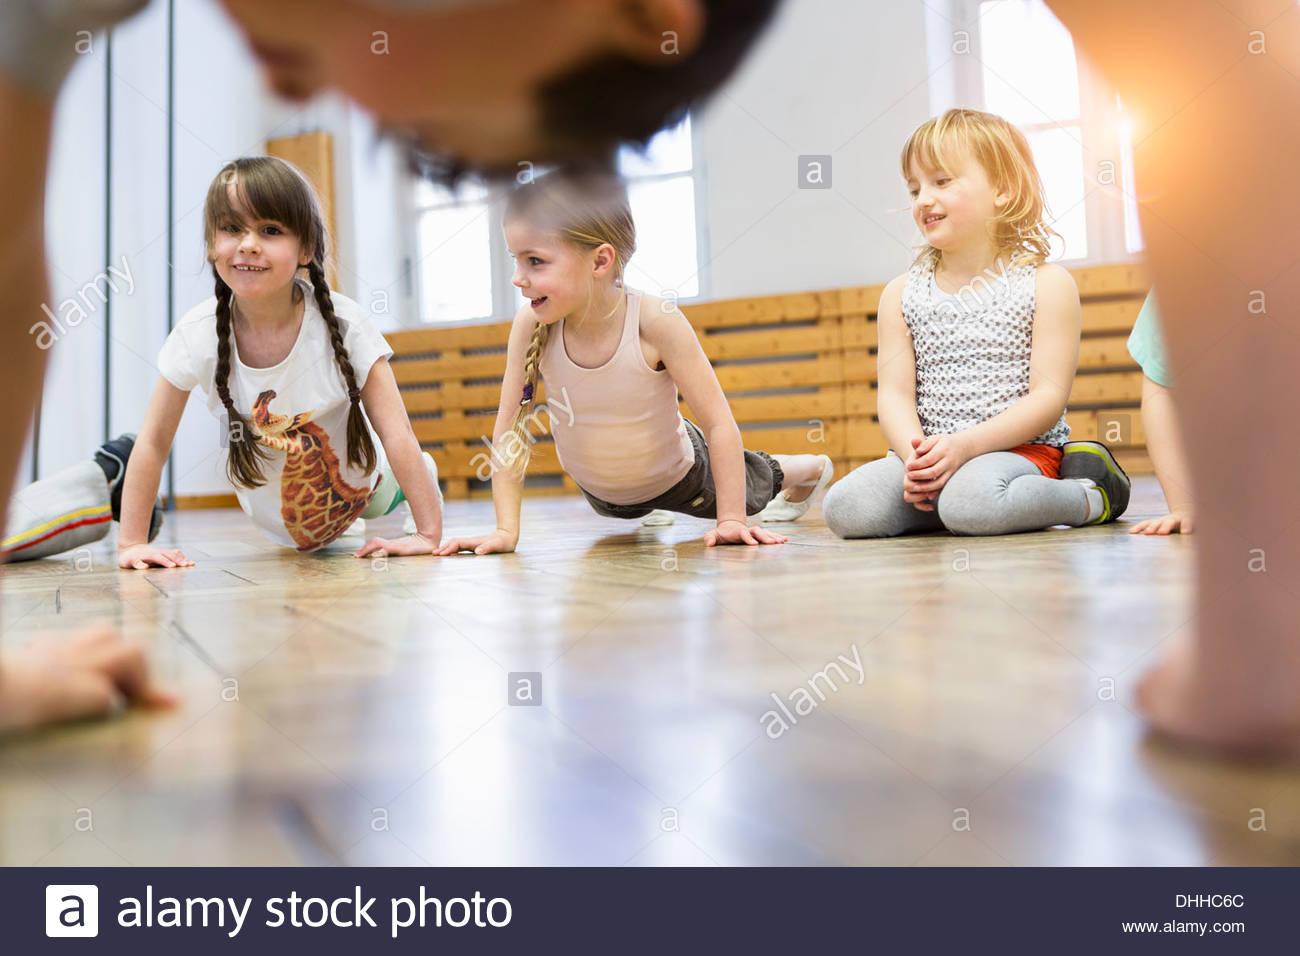 Children doing push-ups - Stock Image